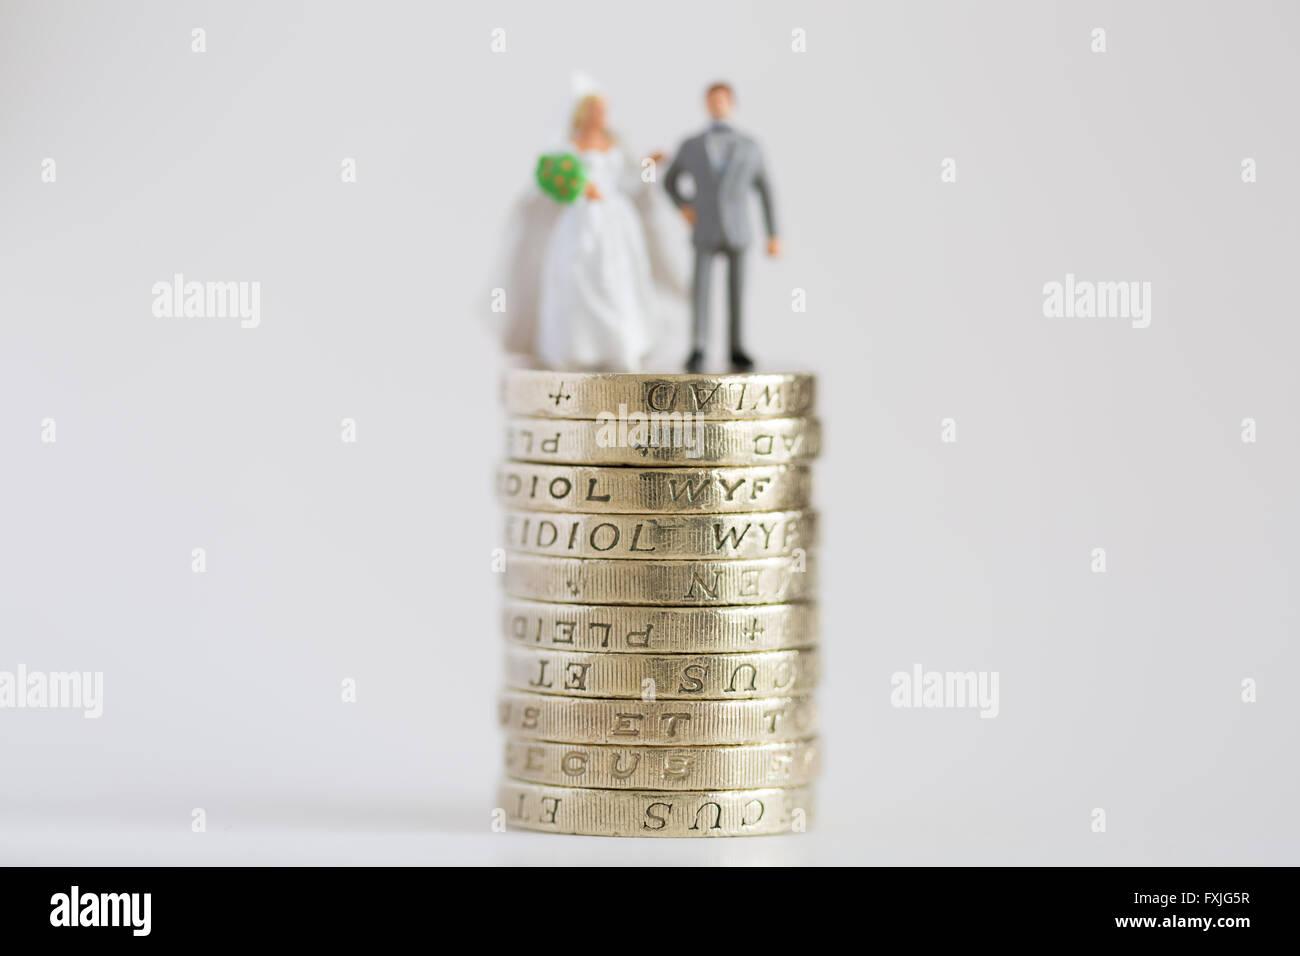 Nahaufnahme / Makro Modell Stockfoto Darstellung verheiratet, Mann und Frau auf £1 Pfund Münze Stapel Stockfoto